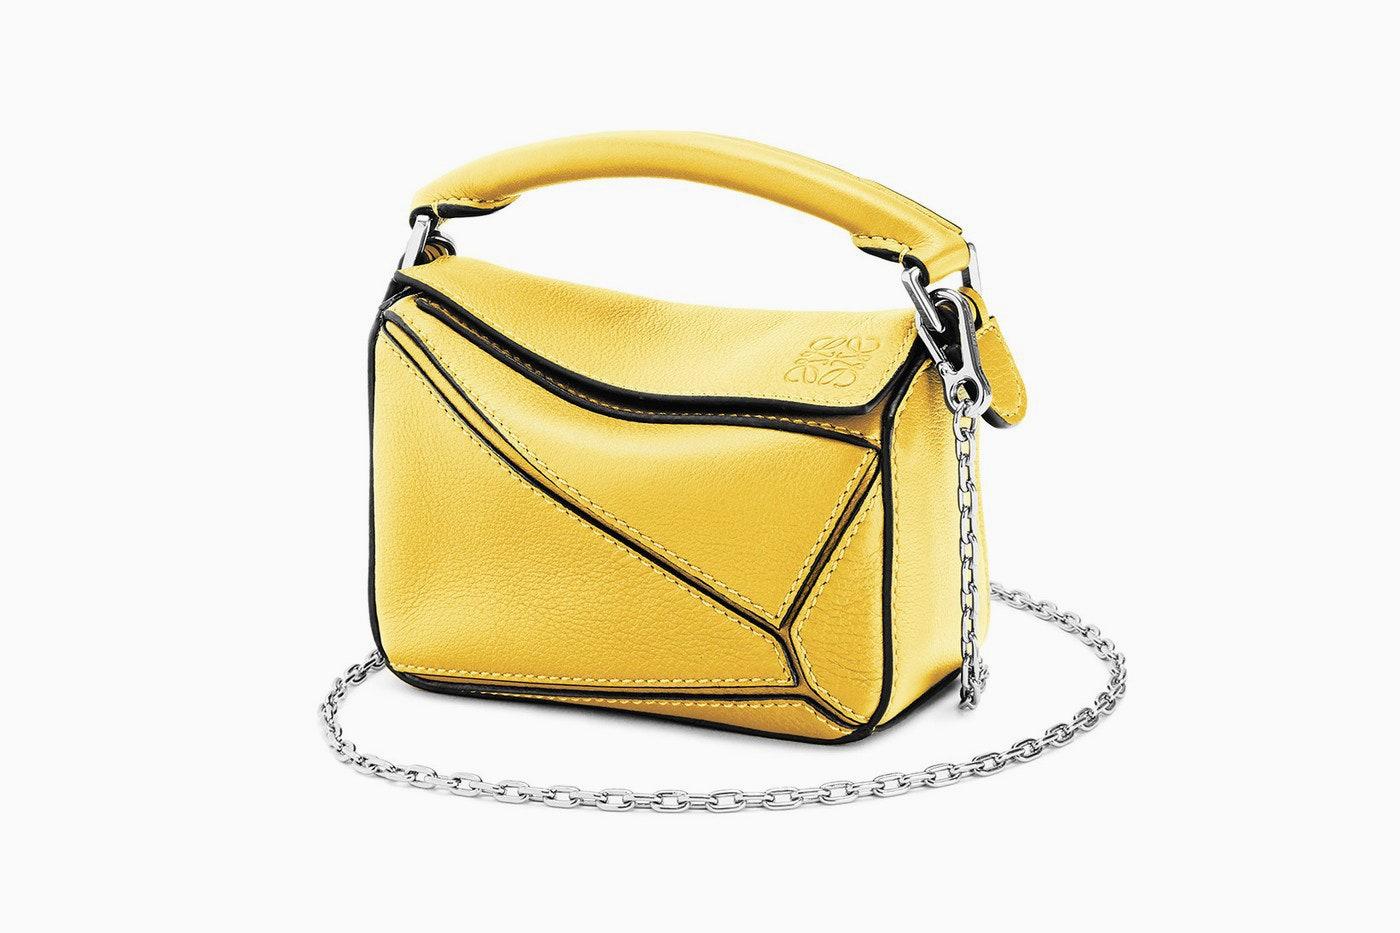 Loewe представили сумку Puzzle Nano